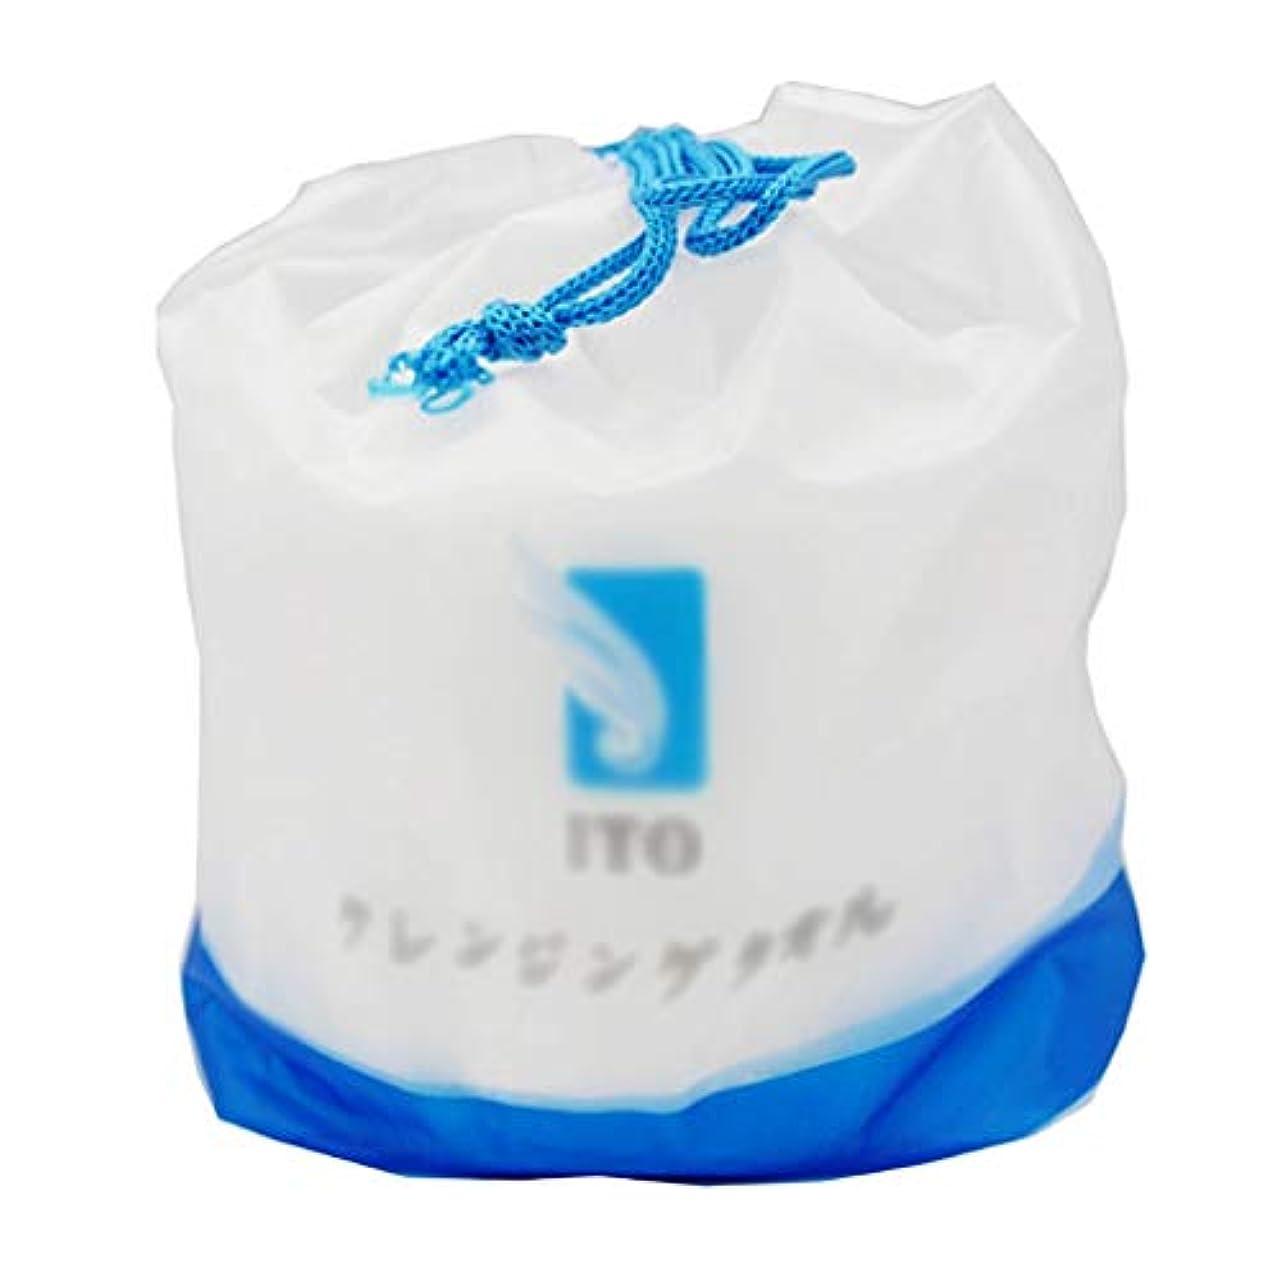 直接しつけ気難しいクレンジングシート 綿美容フェイスタオル使い捨てクレンジングタオルタオルロール綿パッド女性の美容ツール多目的 (Color : White, サイズ : 20*25cm)